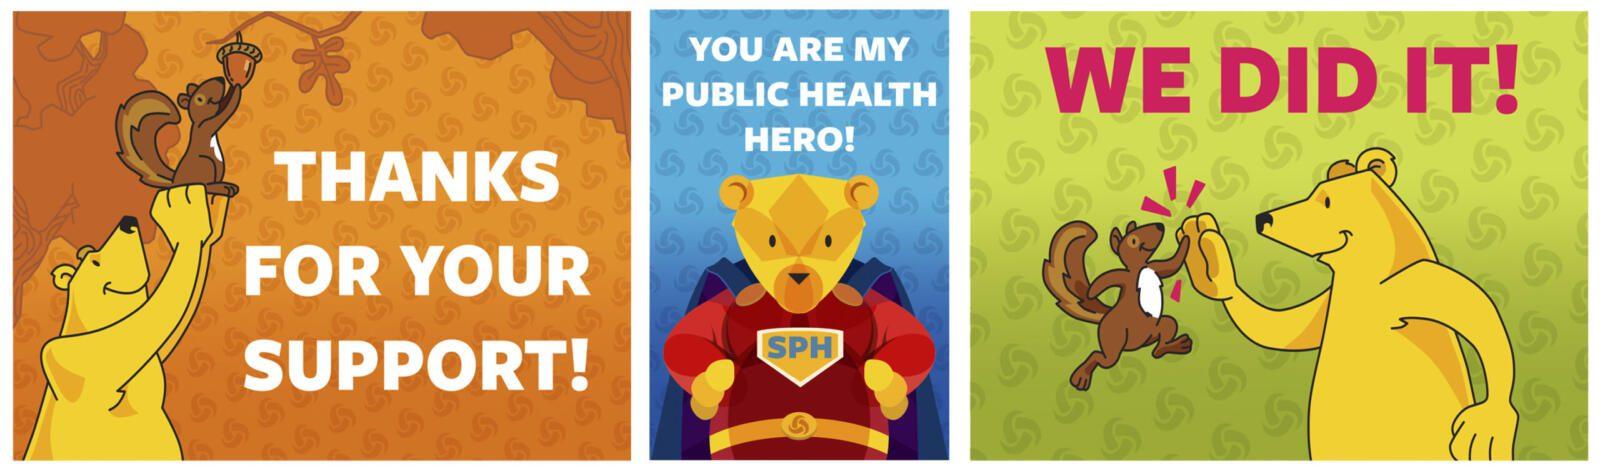 Berkeley Public Health staff appreciation postcards